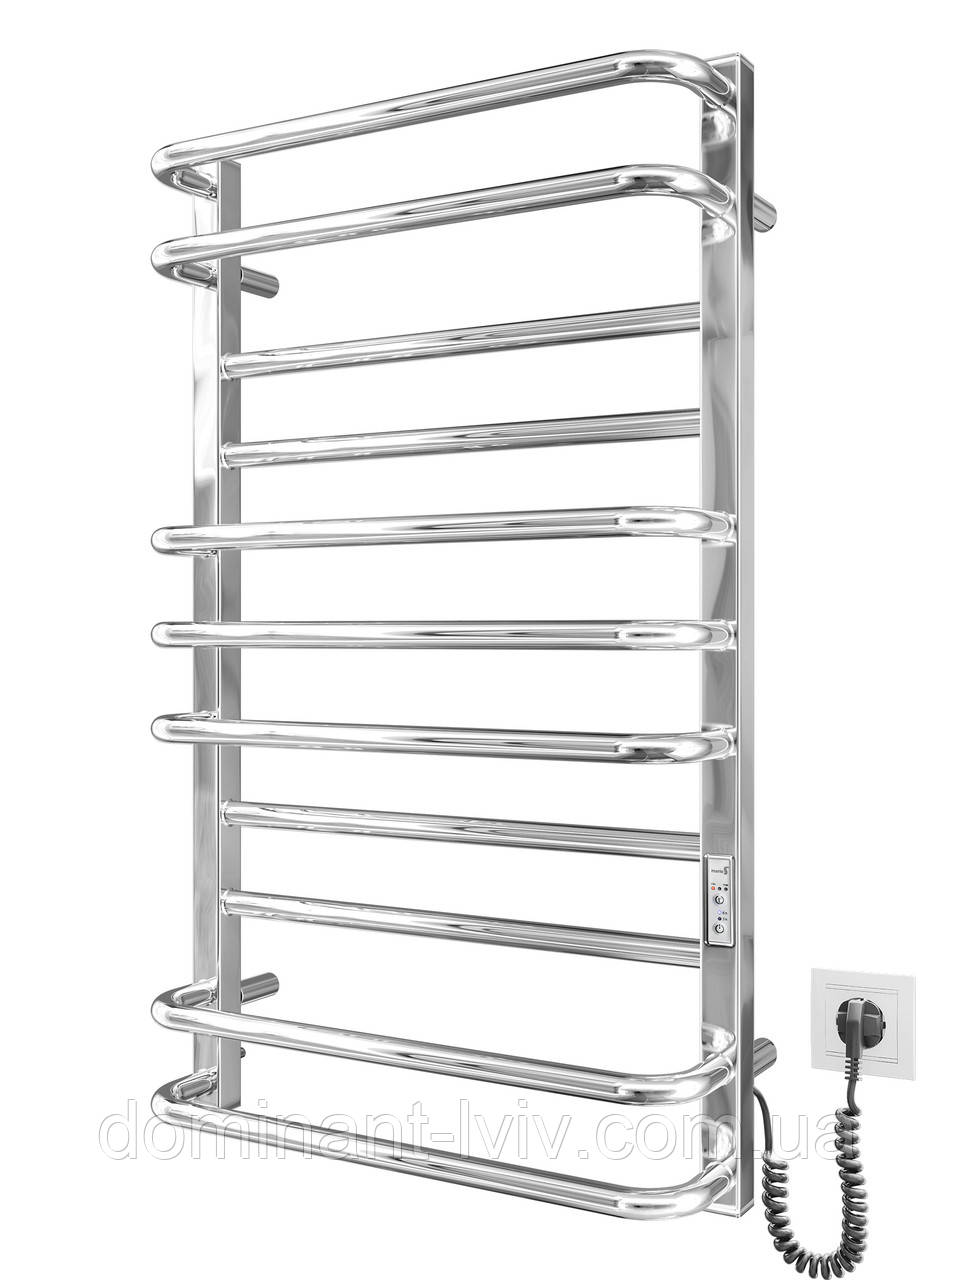 Електрична рушникосушка Mario Премиум Люкс -I 800x500/170 TR K